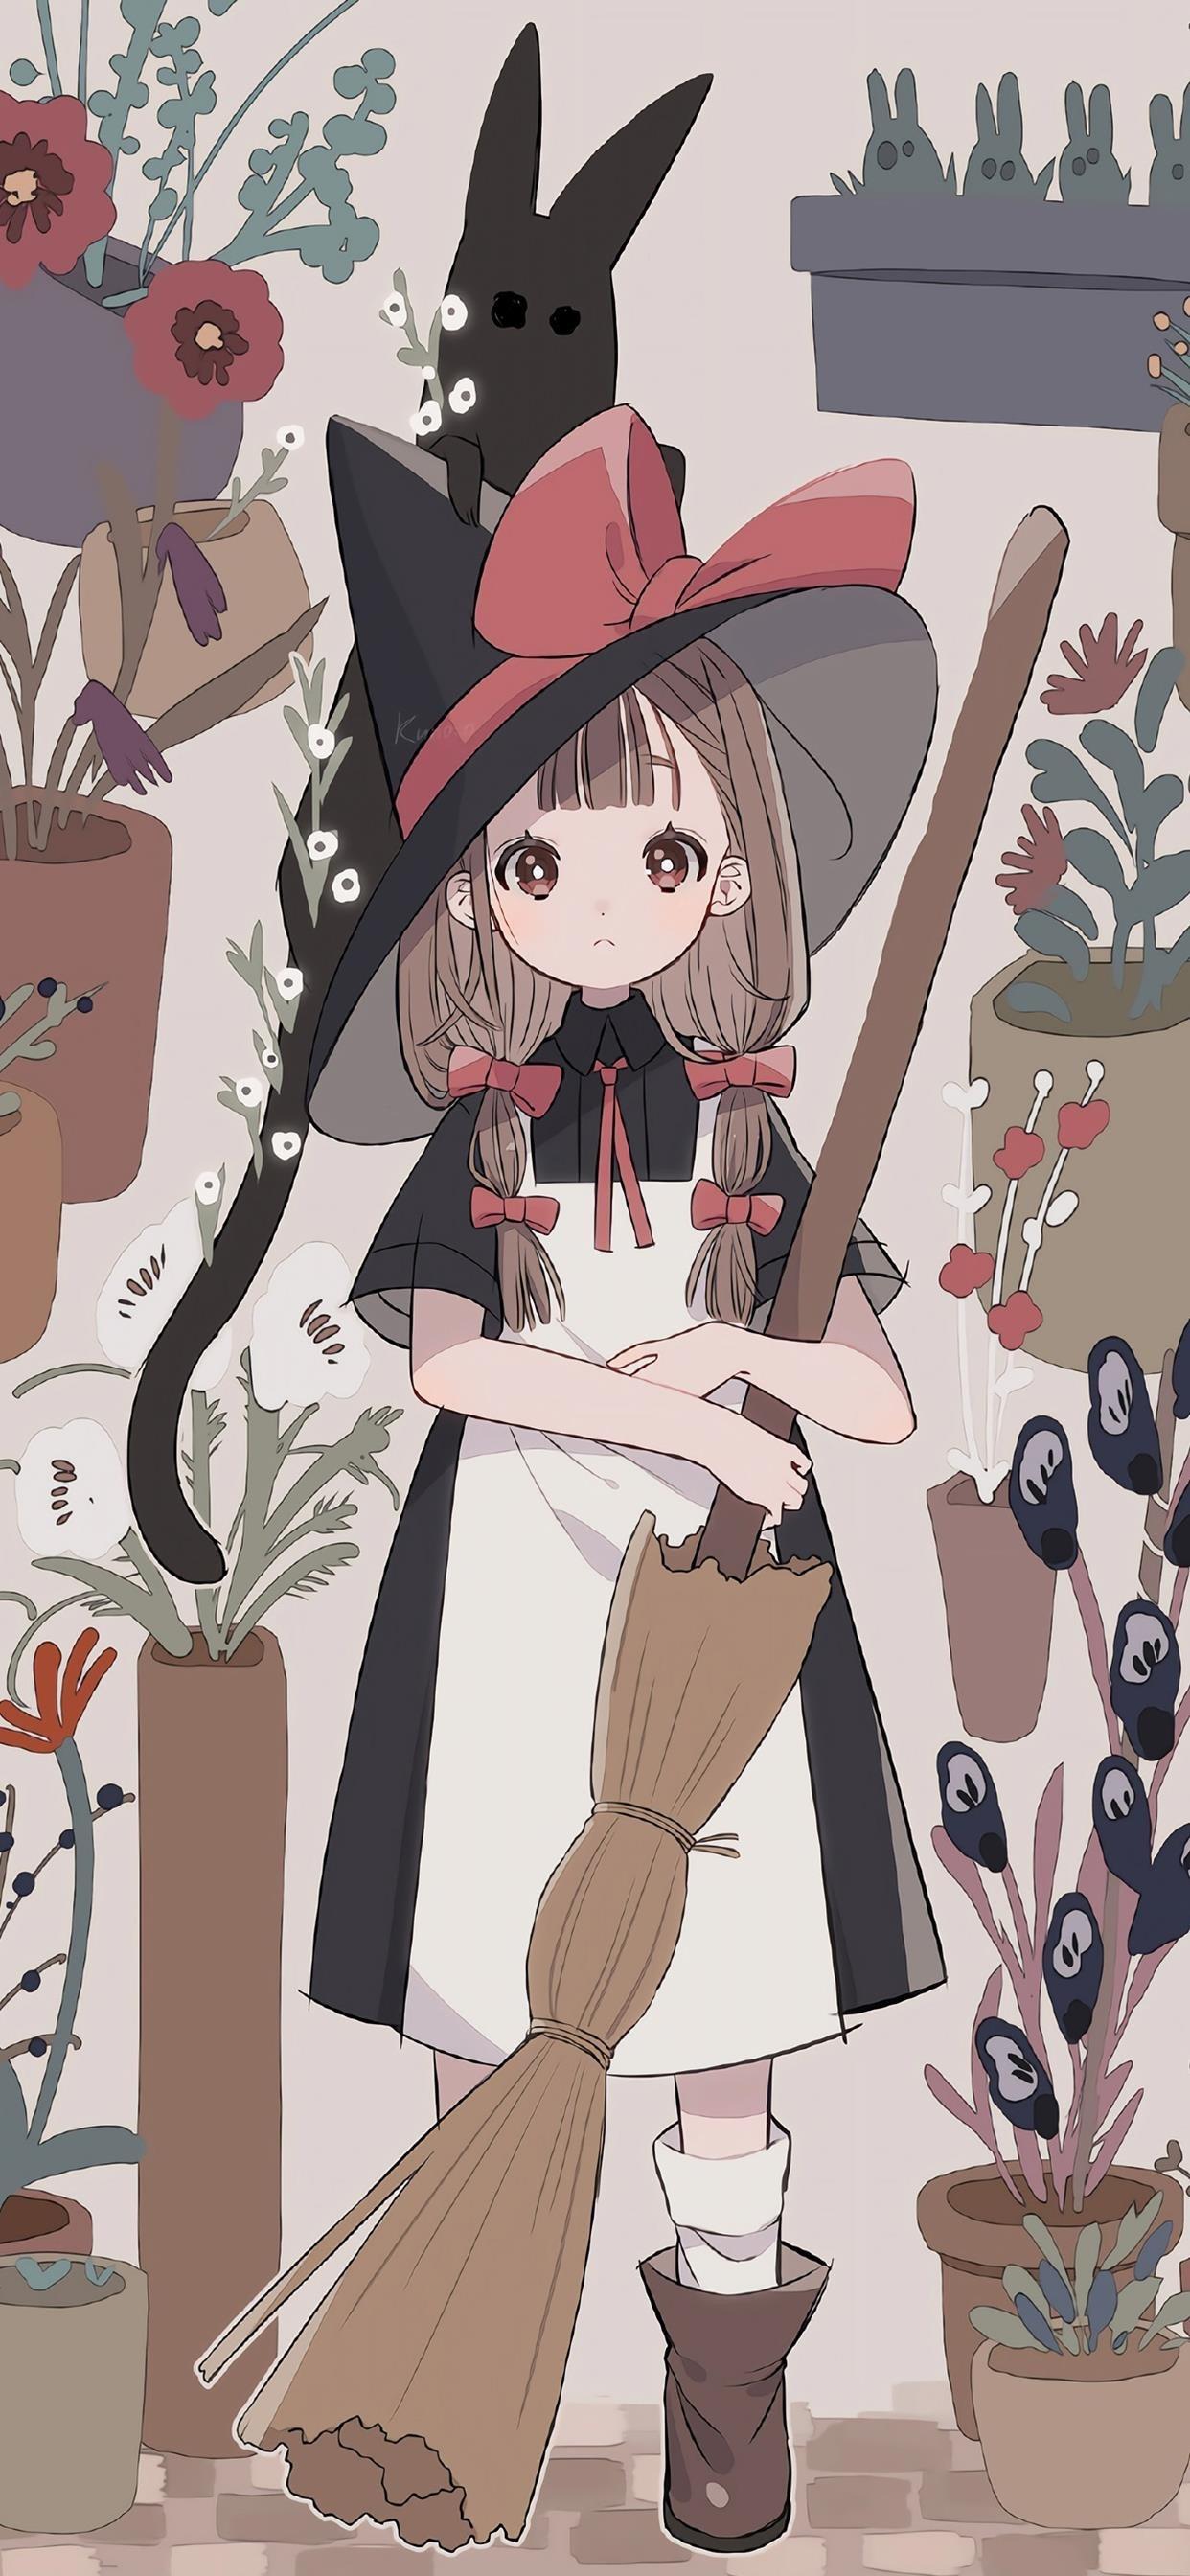 魔法少女可爱插画手机壁纸